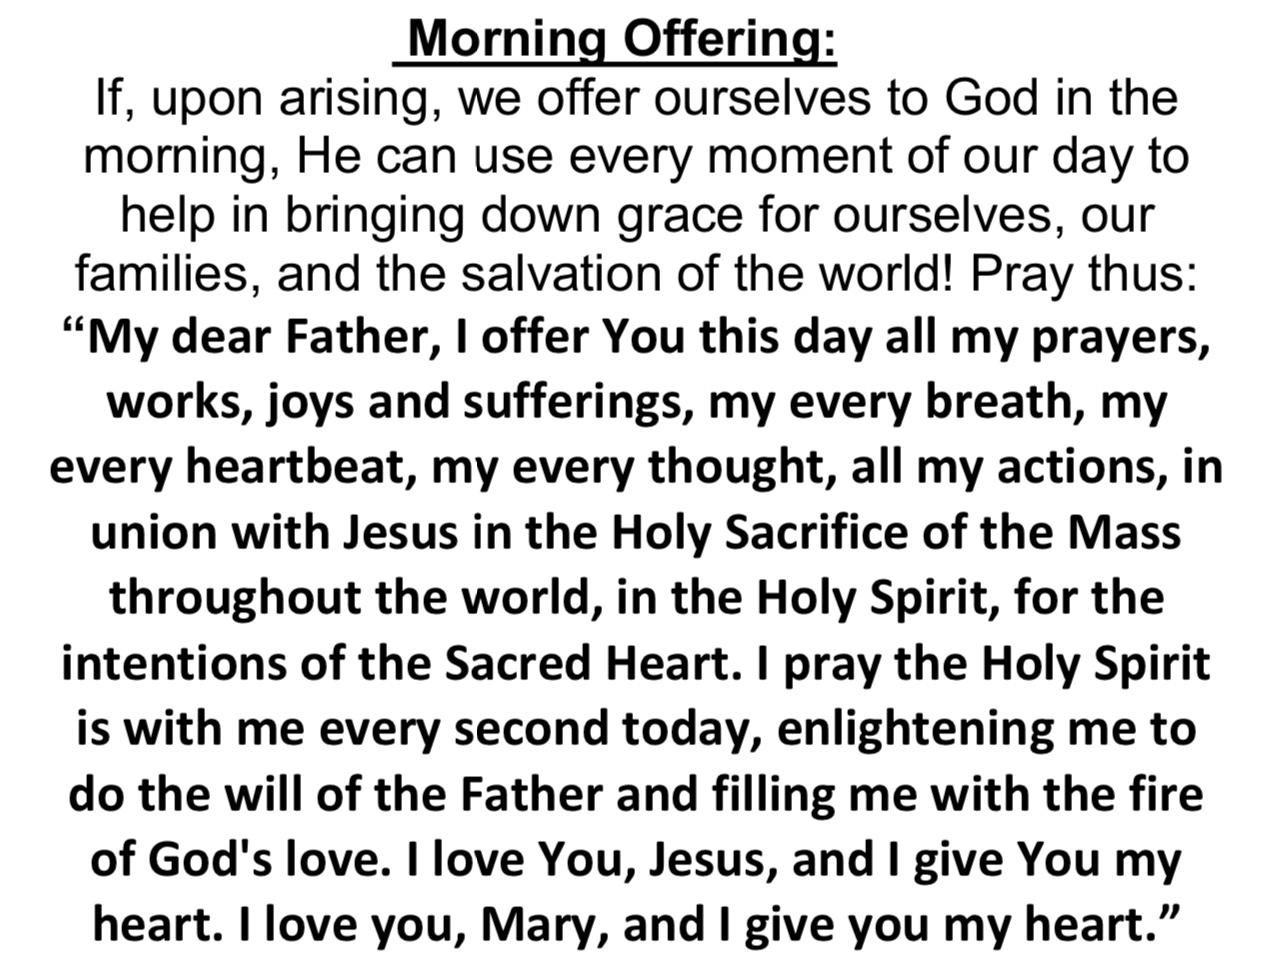 Morning Offering.jpg